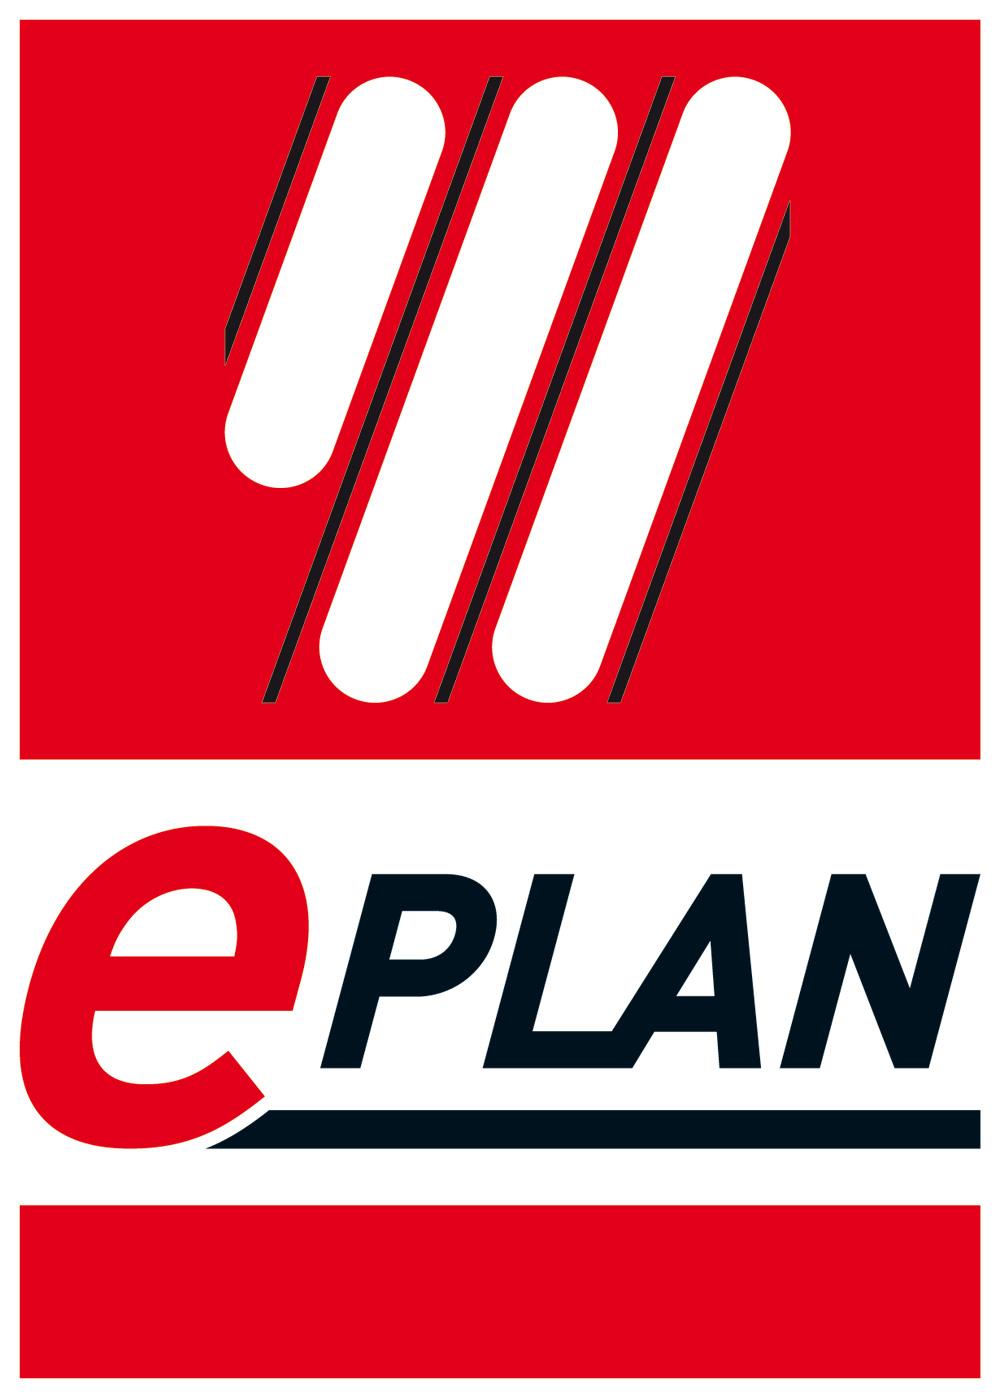 logo_eplan_4c_2010